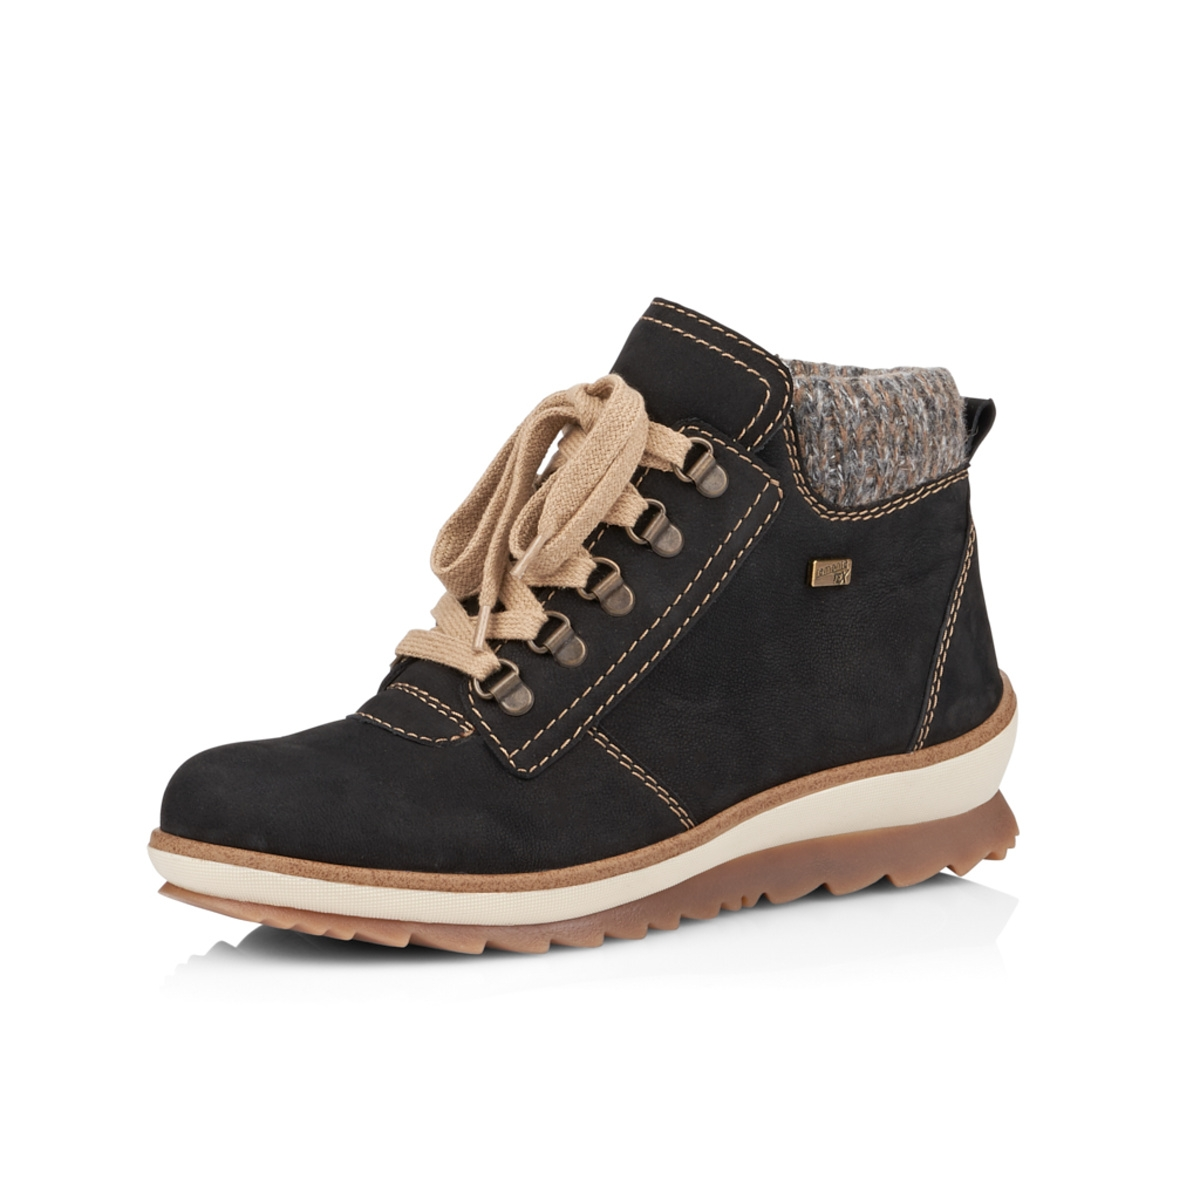 82aa6101b43a7 Dámska obuv REMONTE BY RIEKER R4378/02 SCHWARZ KOMBI H/W 8 | Rieker